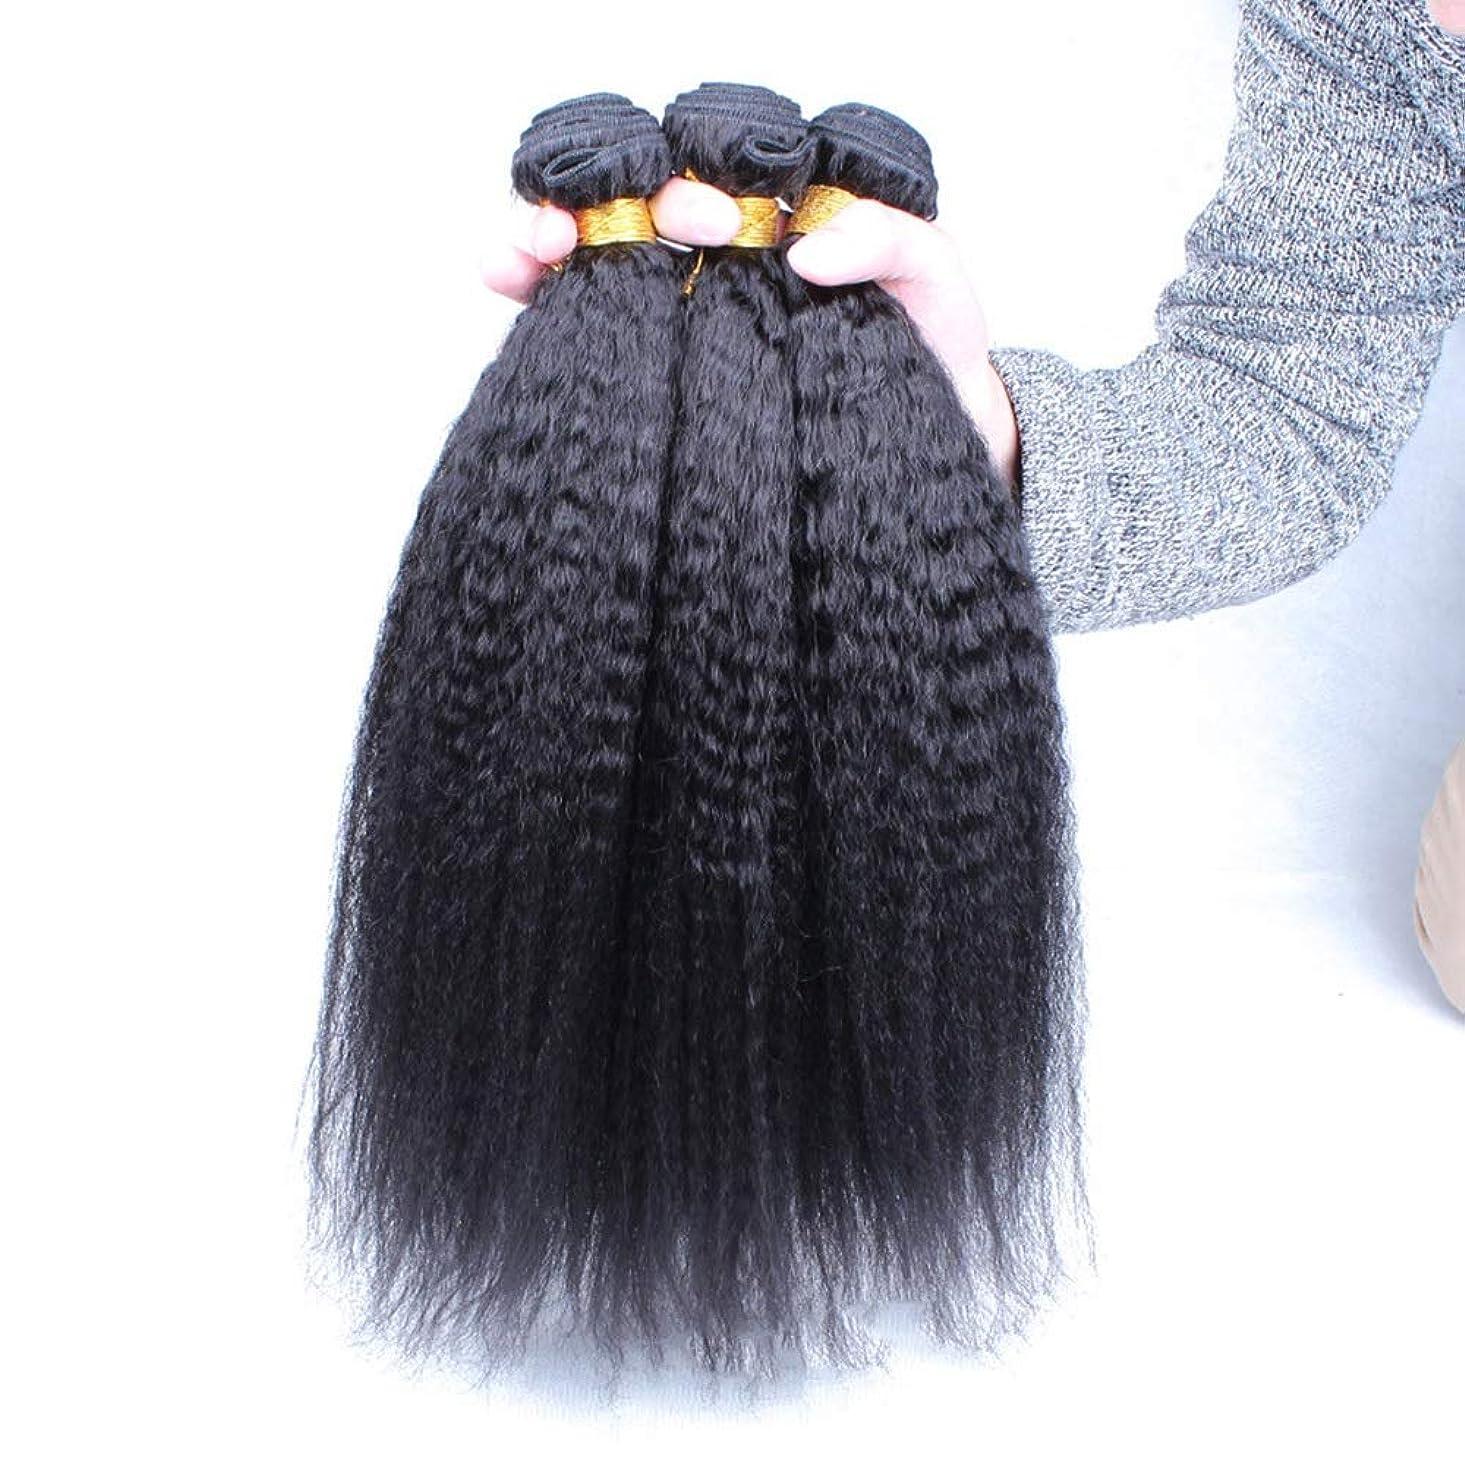 儀式ノベルティ滅びるYrattary ブラジルの変態ストレート人間の髪の毛の束焼きストレート人間の髪の毛の拡張子100%人毛エクステンションナチュラルブラック(10インチ-24インチ)小さな巻き毛のかつら (色 : 黒, サイズ : 22 inch)